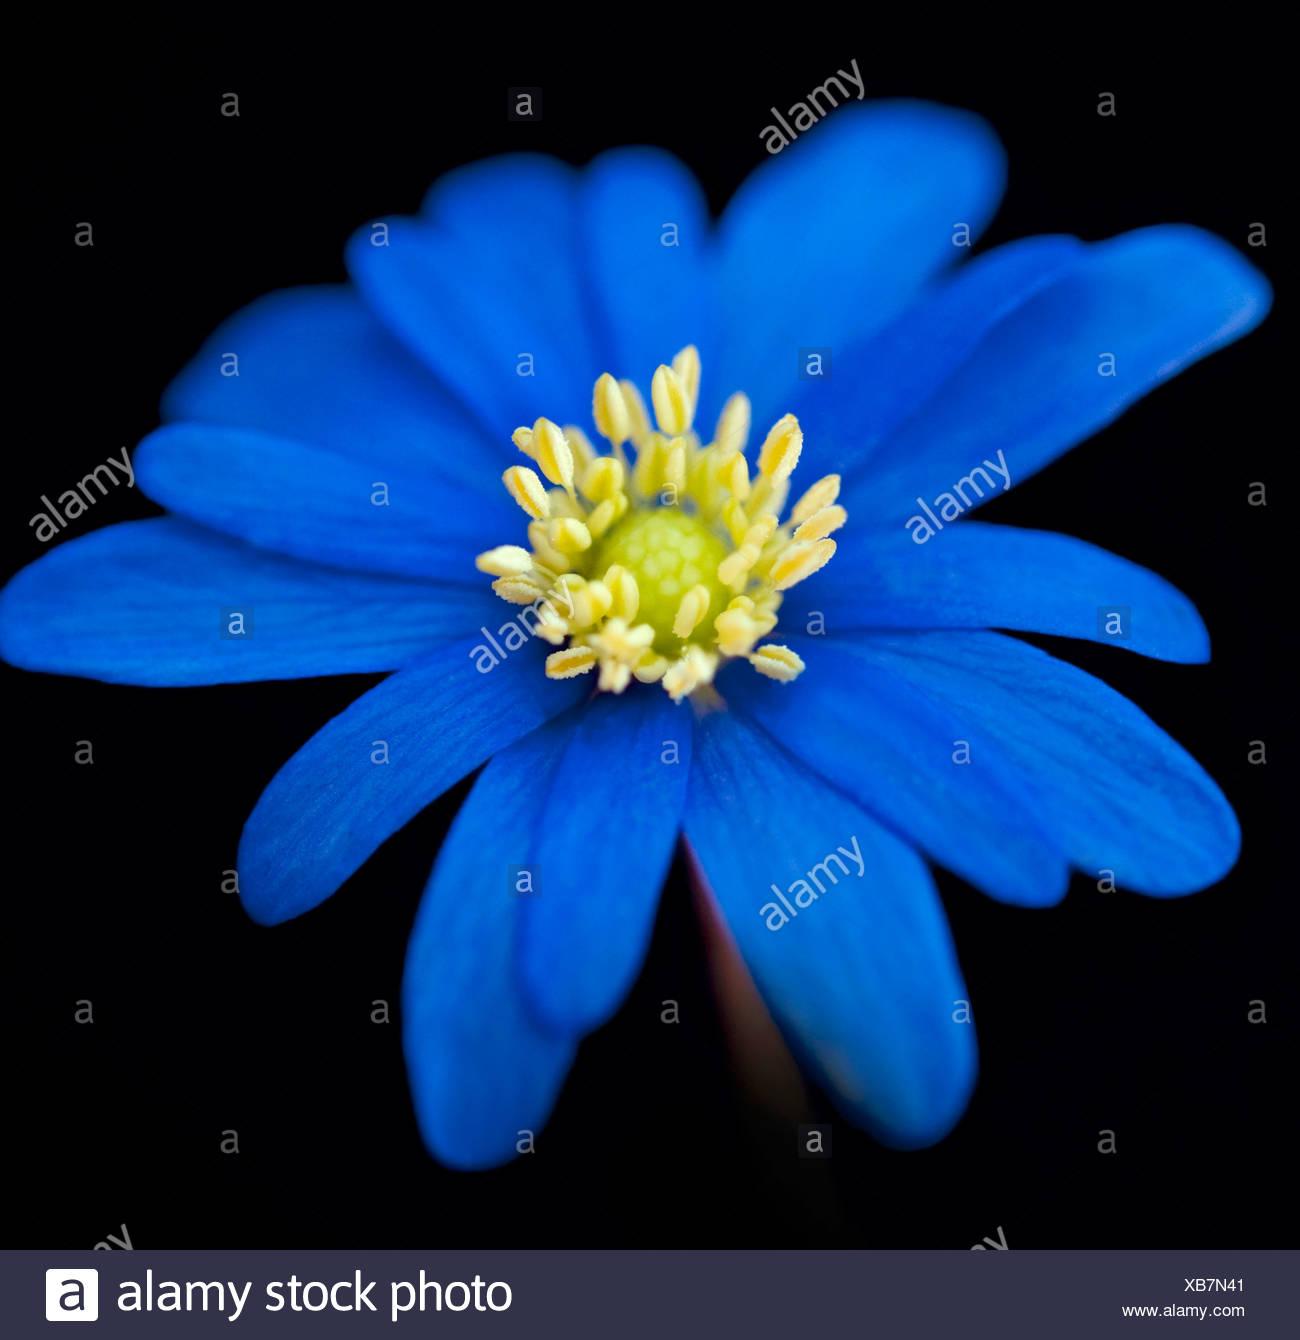 Anemone, einzelne blaue Blume vor einem schwarzen Hintergrund. Stockbild